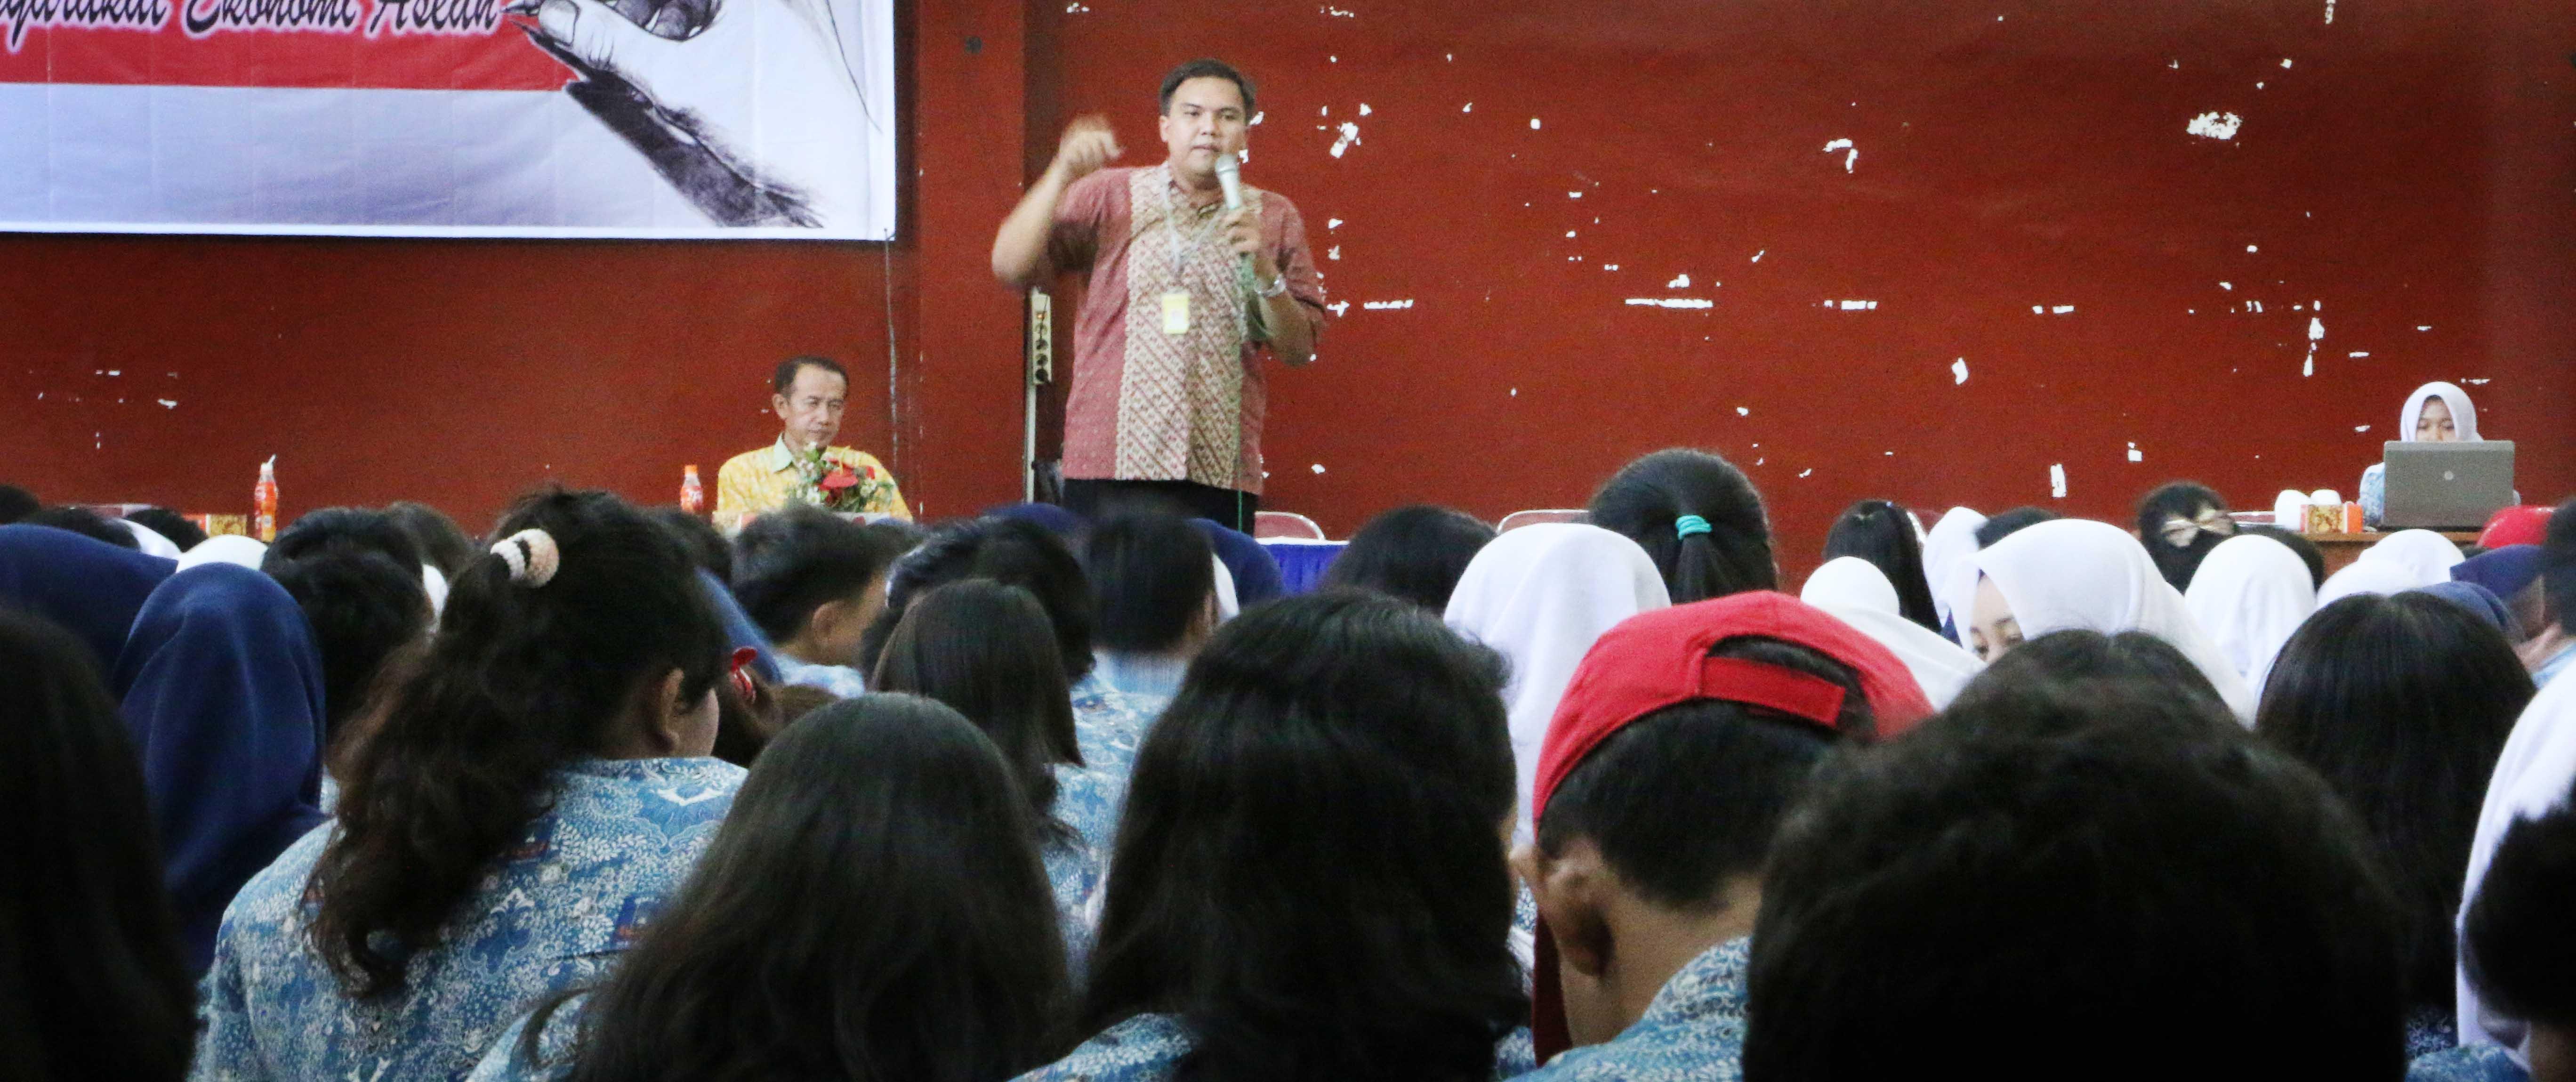 Peminatan Siswa SMA 5 Semarang Ke Unnes Meningkat